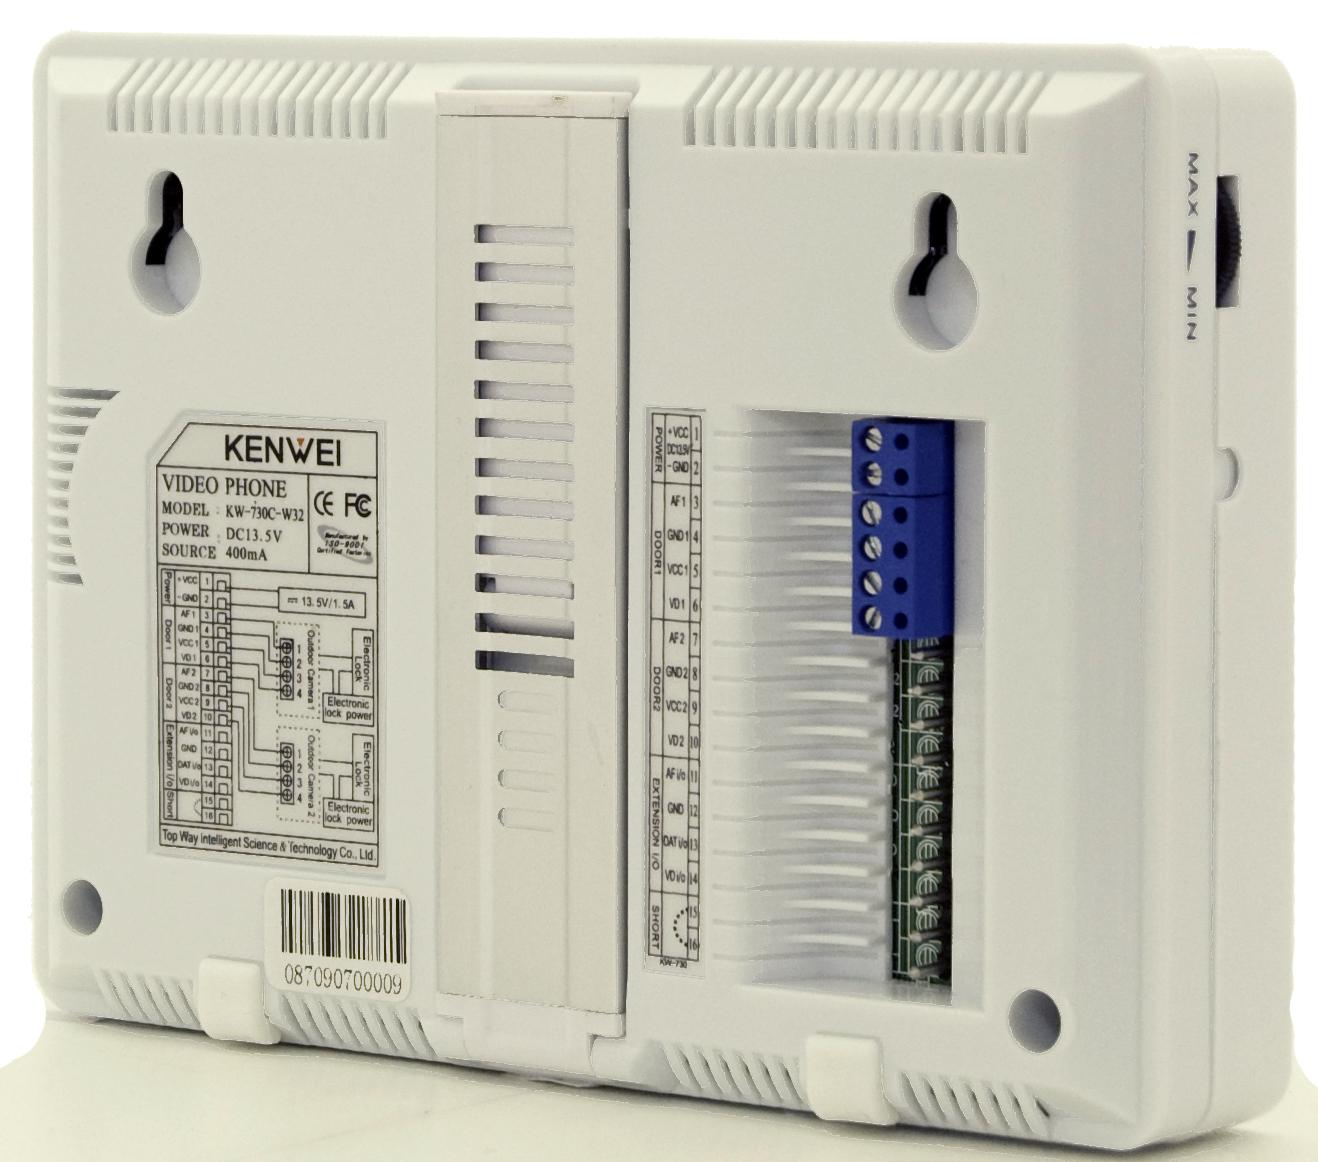 kenwei kw 730 c w32 схема подключения второй камеры